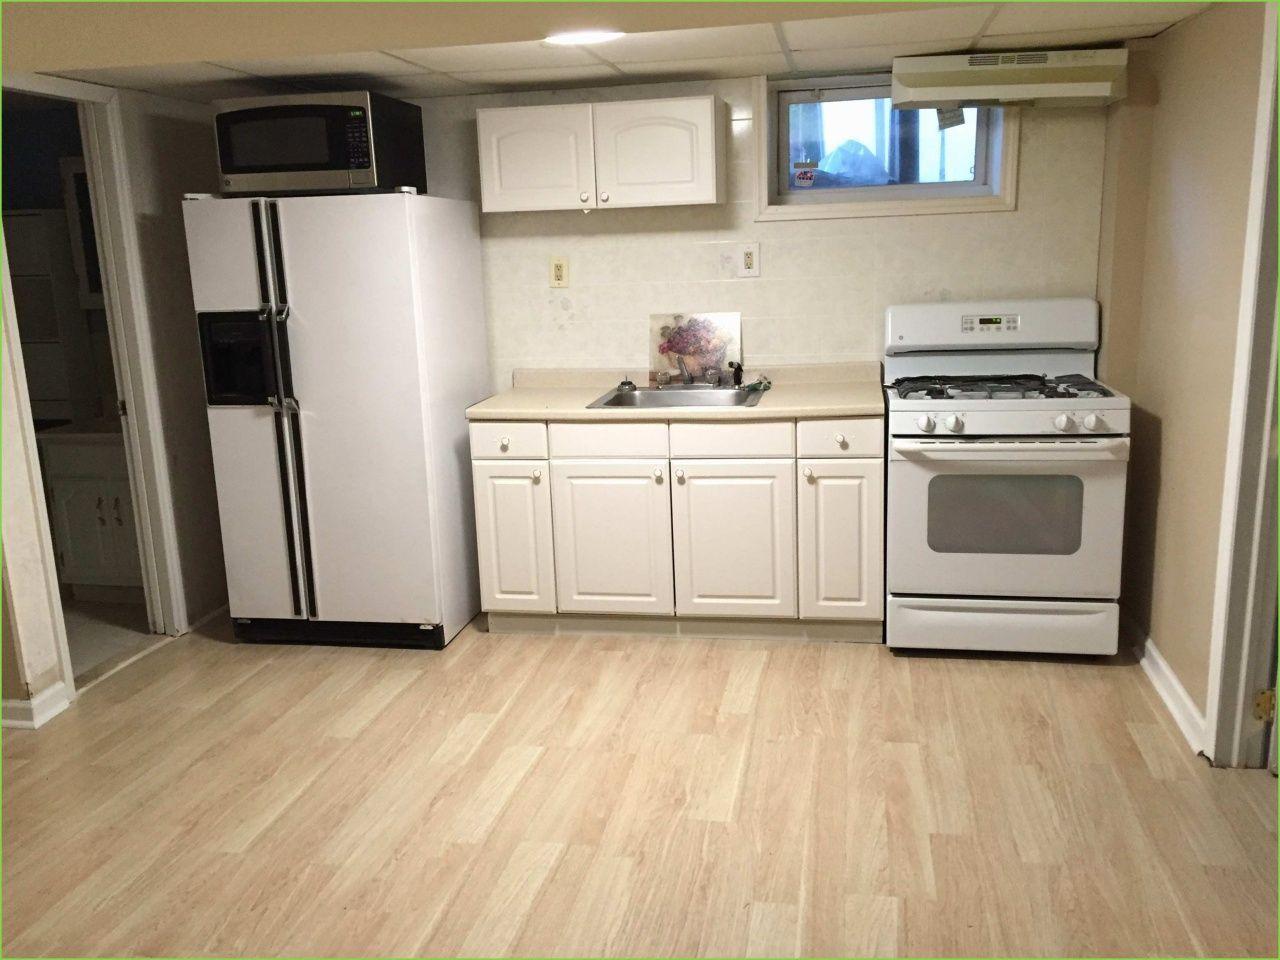 1 Bedroom Apartments Harrisburg Pa 1 Bedroom Apartments